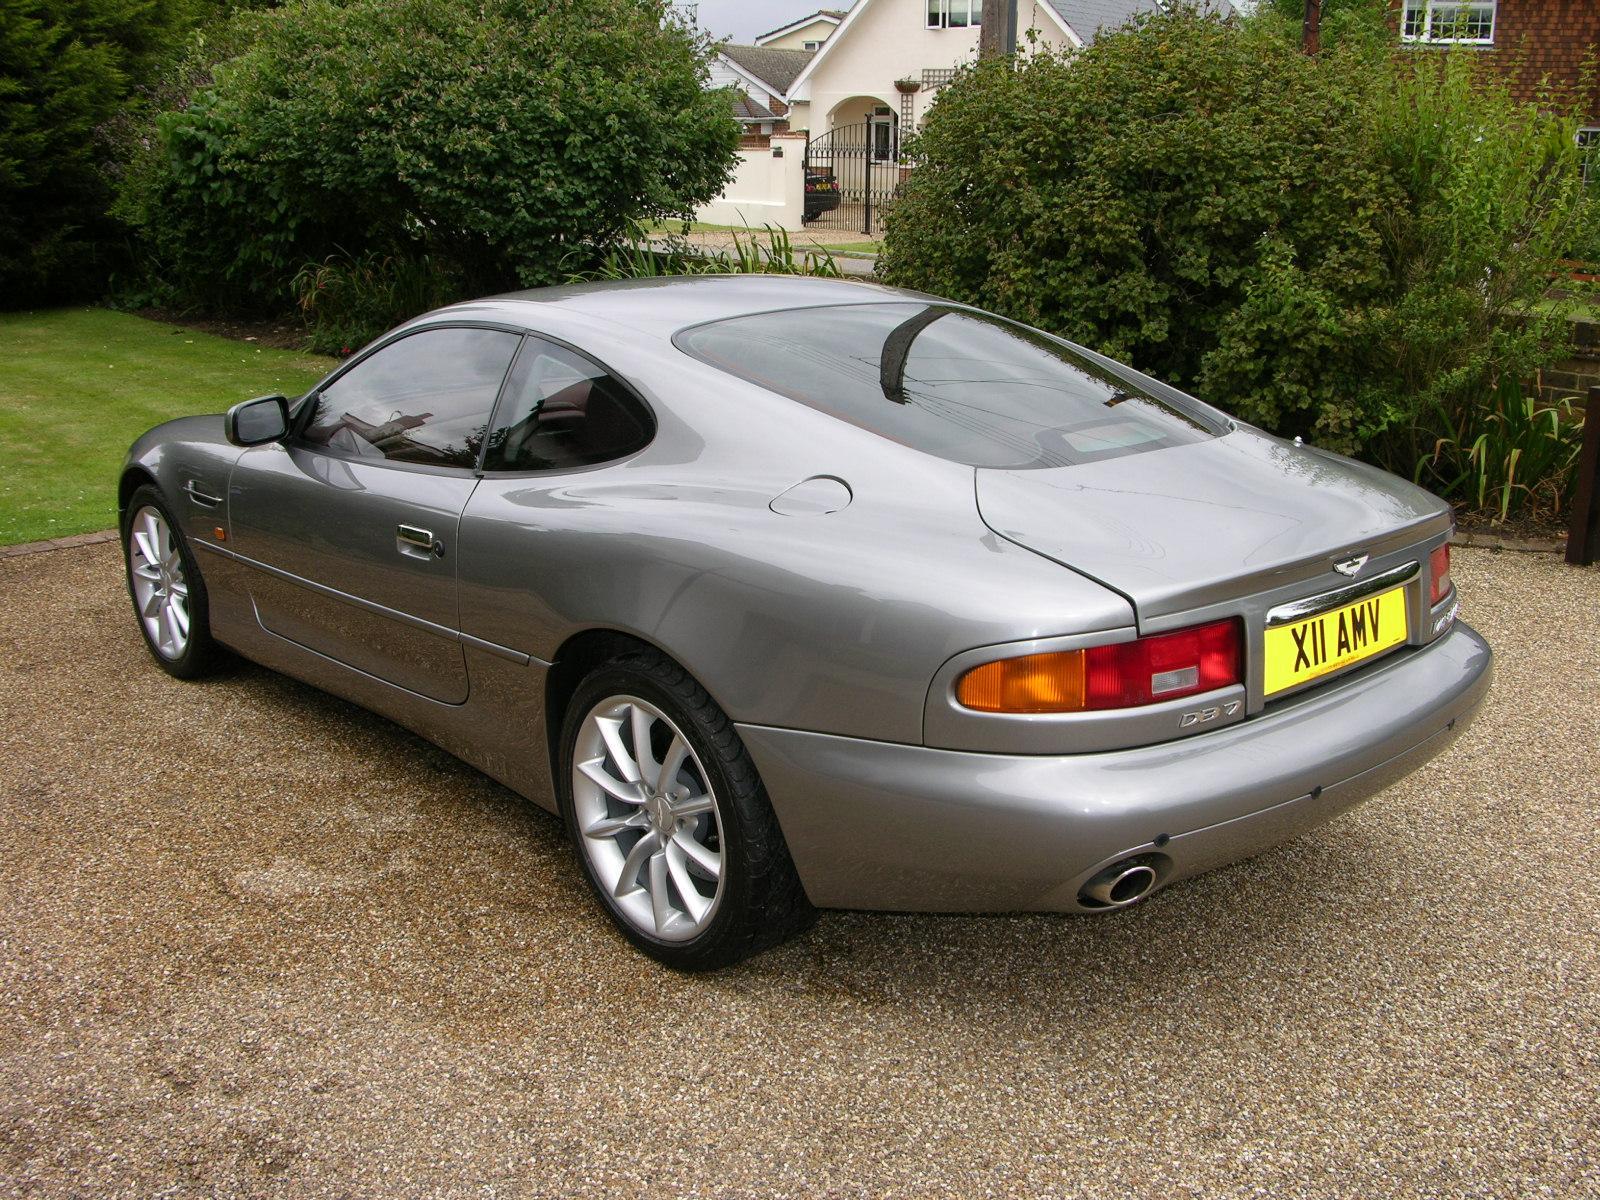 File Aston Martin Db7 V12 Vantage Flickr The Car Spy